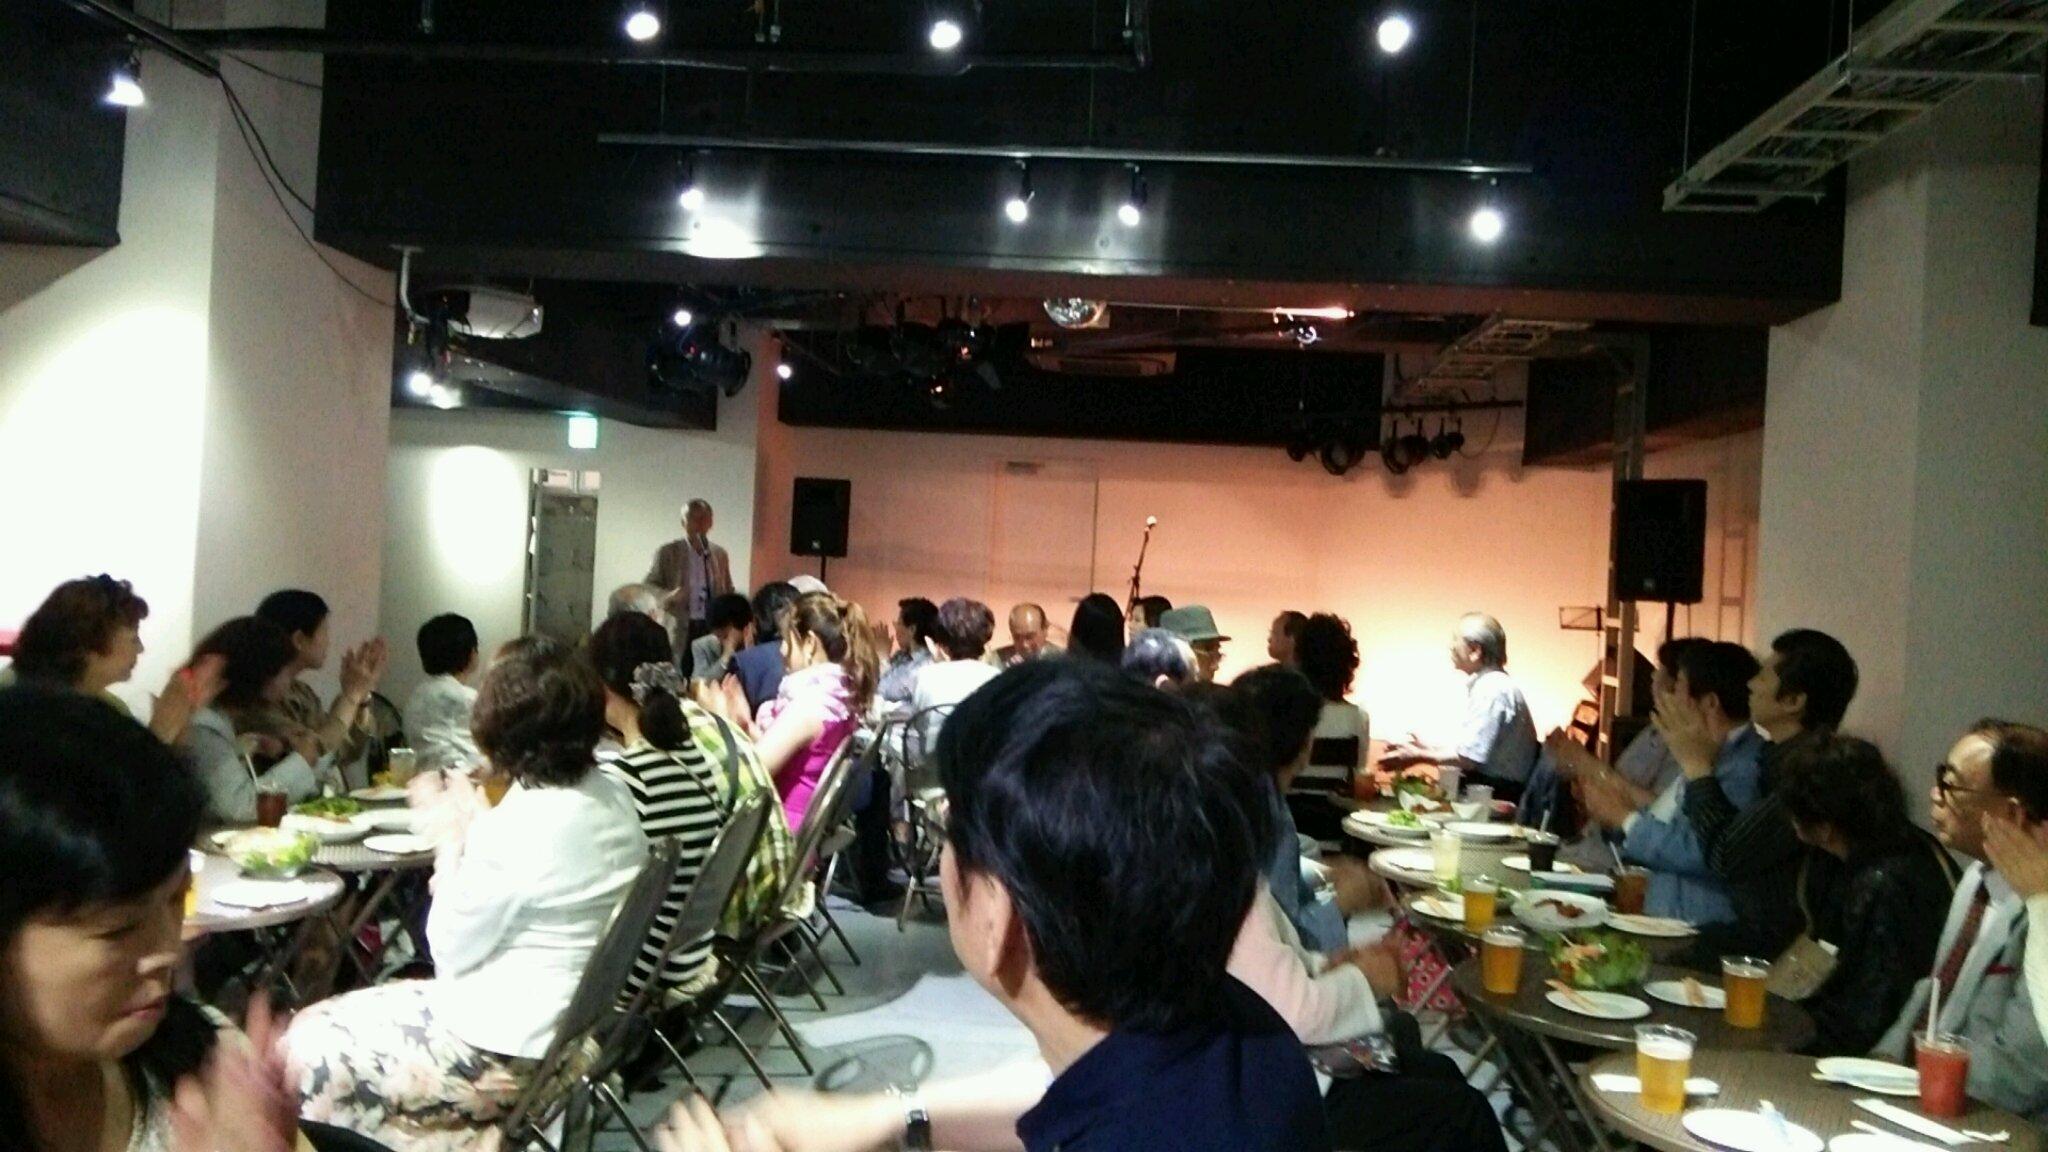 マイステージミュージック発表会開催される_e0119092_11563289.jpg